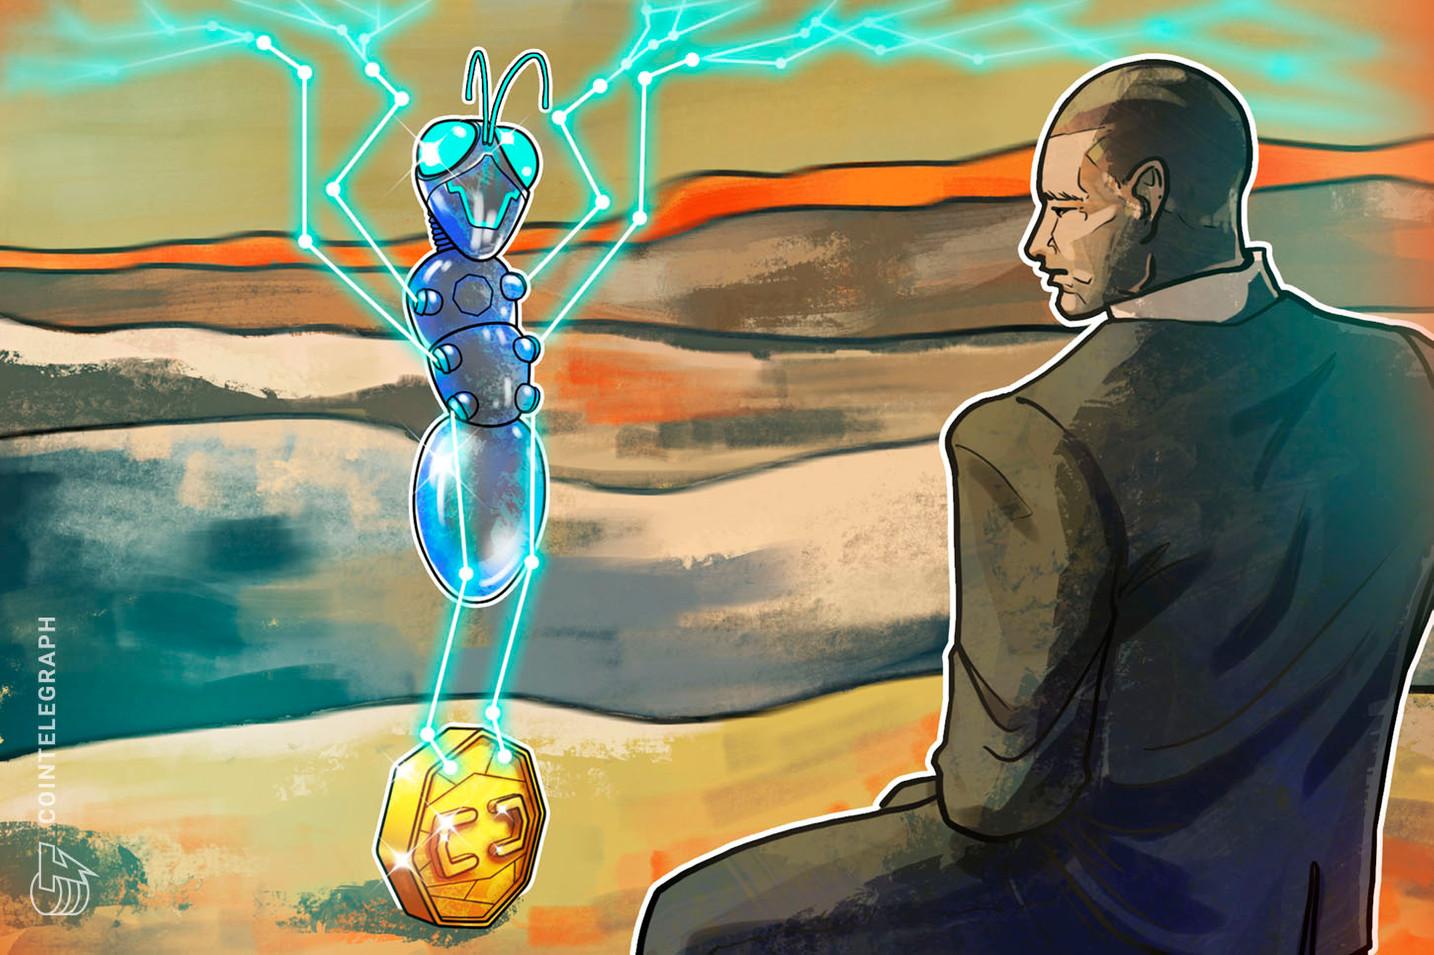 Nós entendemos a blockchain de uma forma totalmente errada